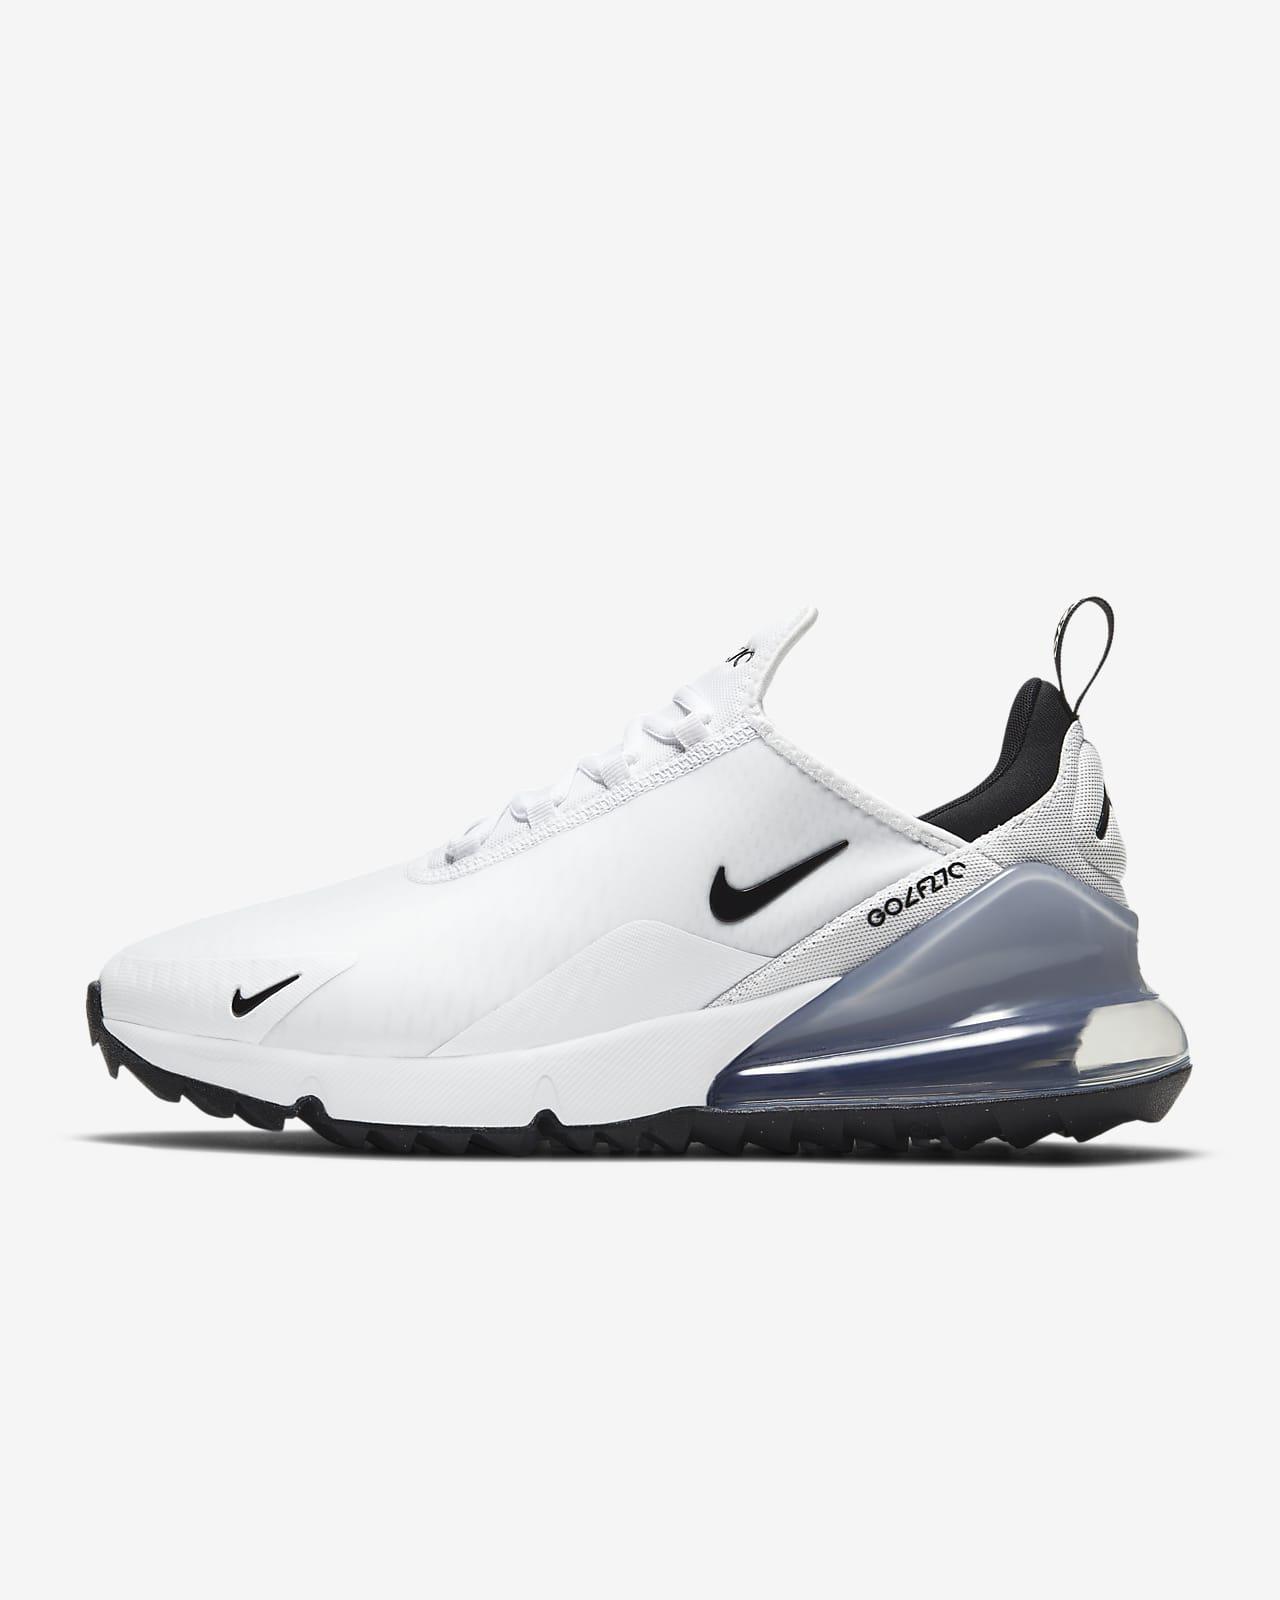 Nike Air Max 270 G Golf Shoe